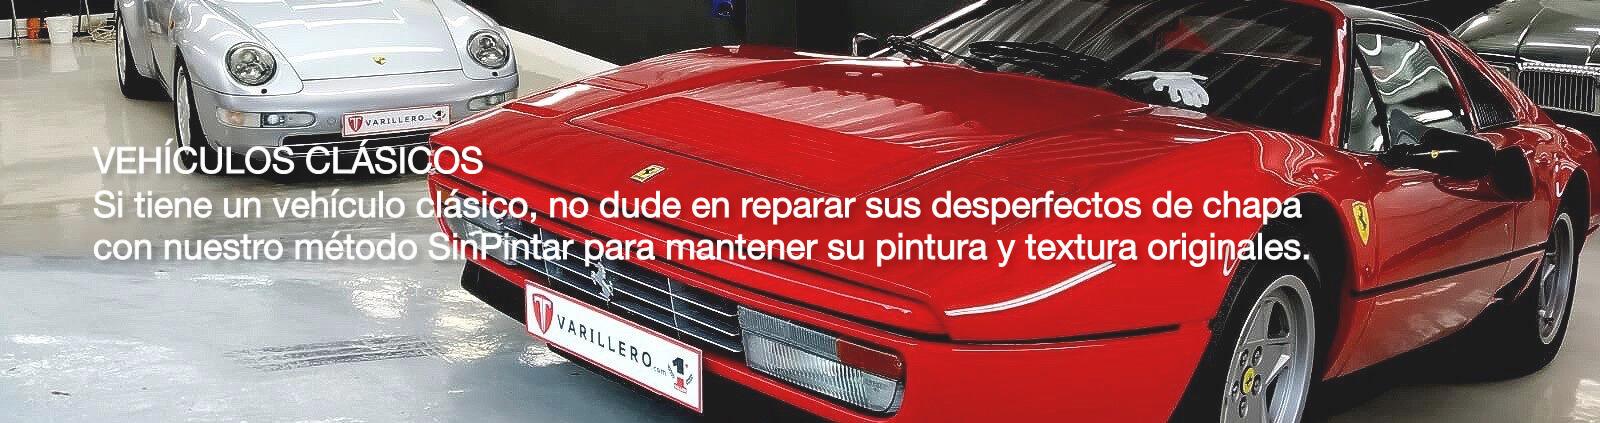 vehiculos clasicos madrid chapa y pintura